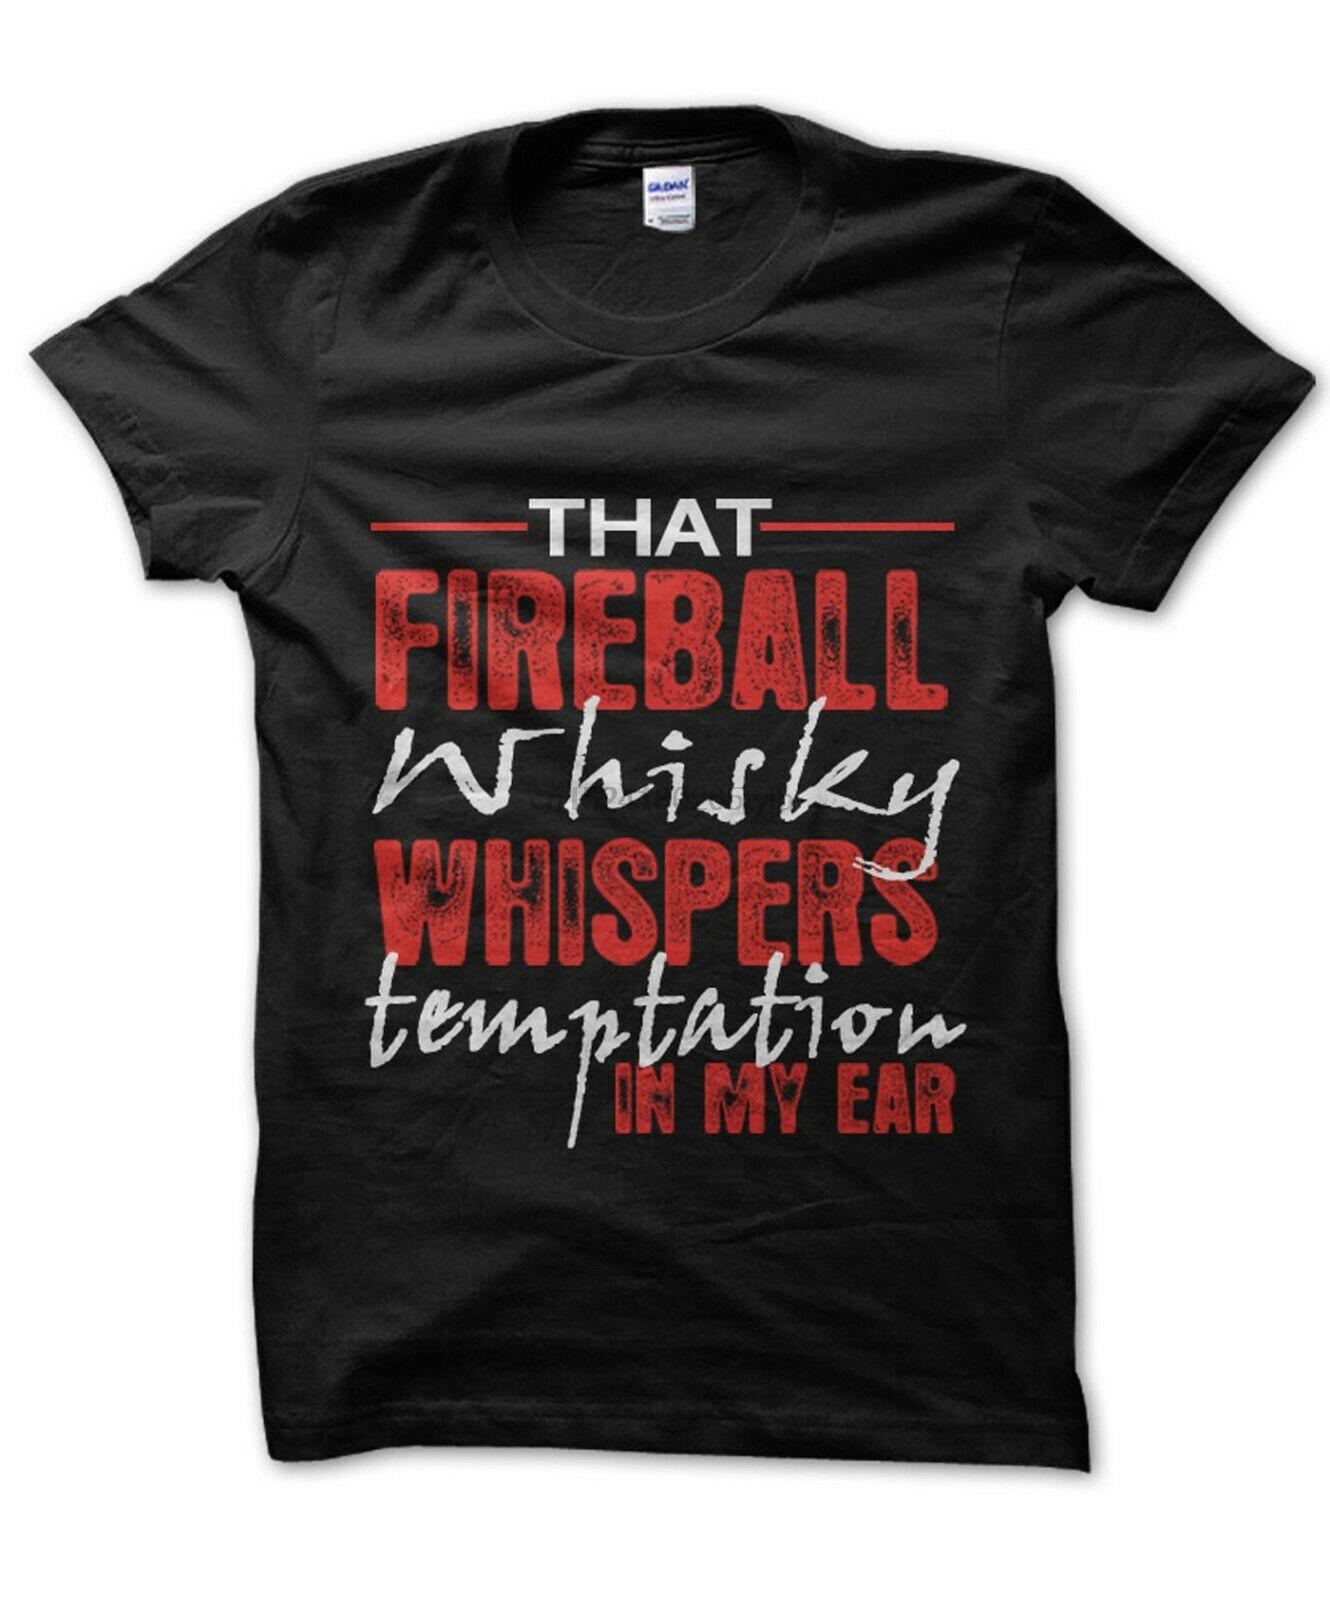 Esa bola de fuego whisky whisper tentación en mi oído unisex camiseta empollón divertido camisa